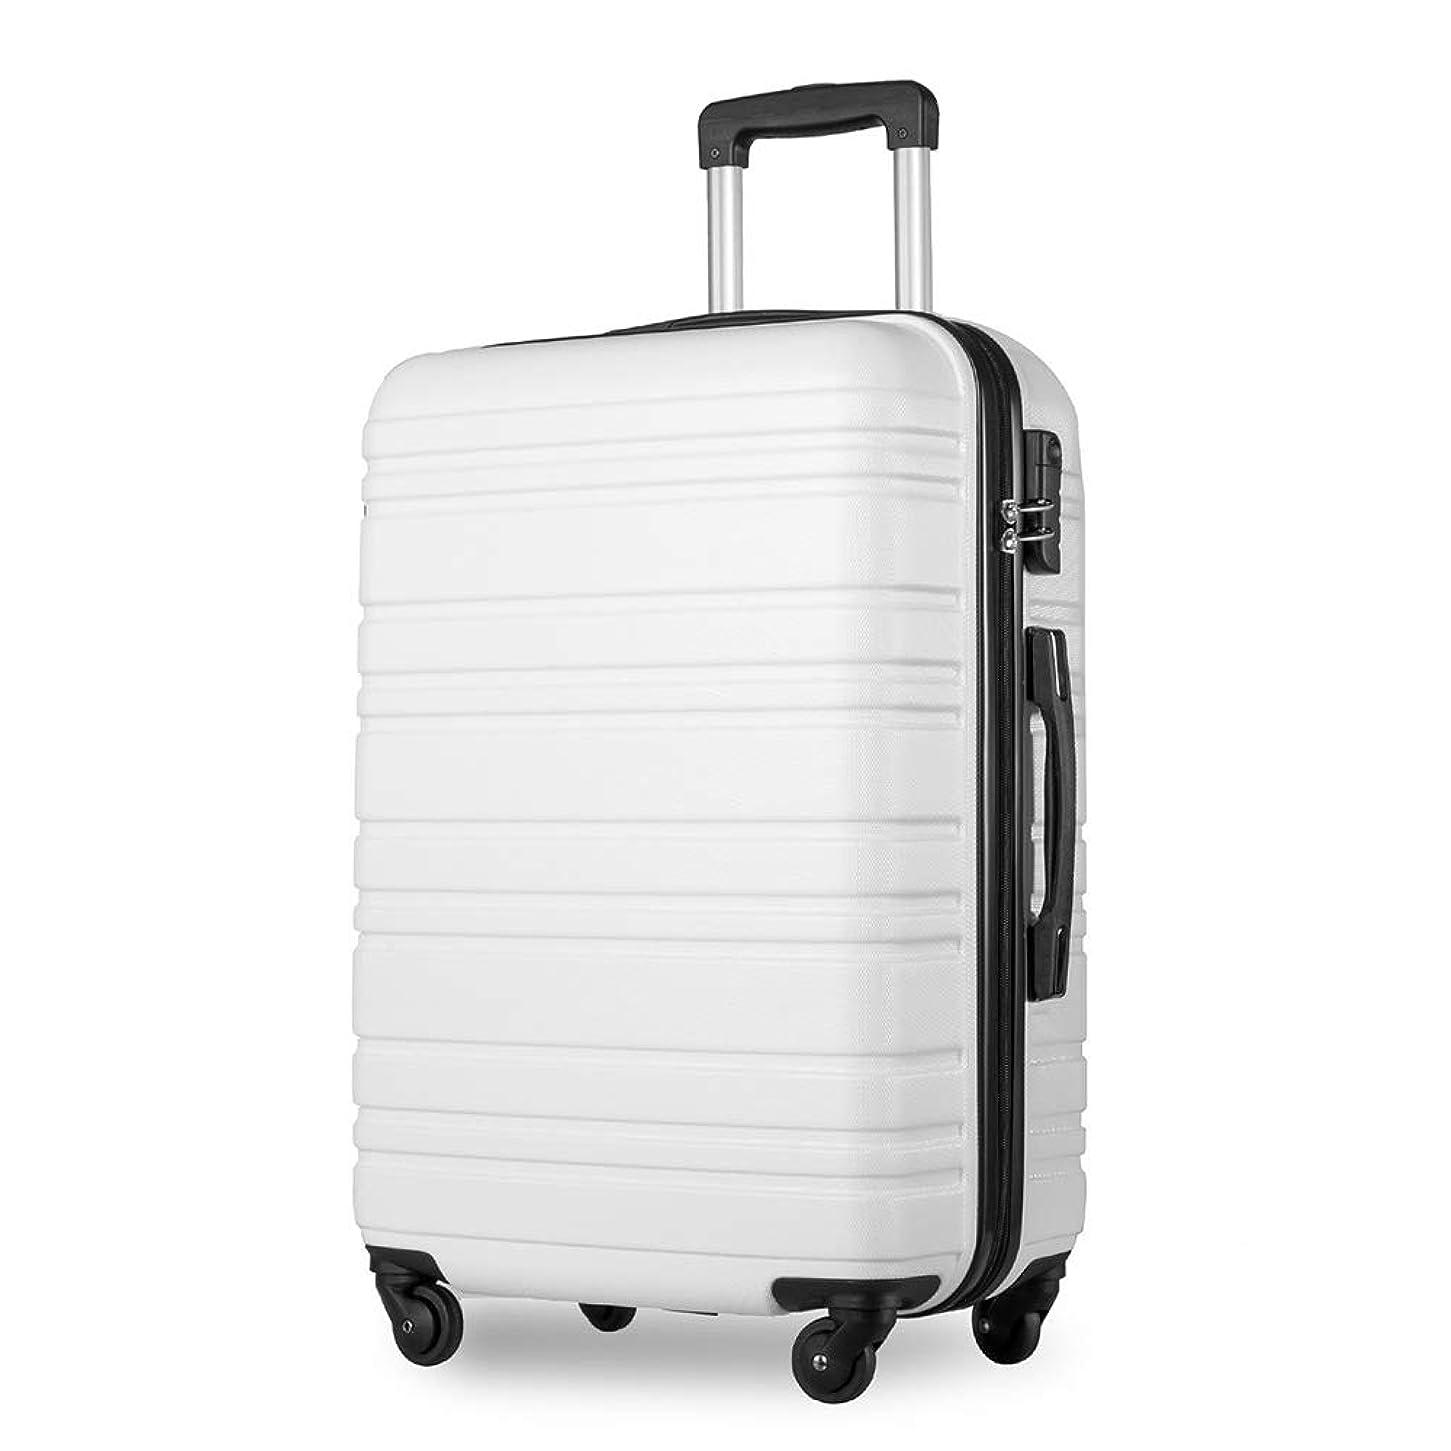 やがて大騒ぎエンディングTANOBI スーツケース トラベルバッグ 超軽量 キャリーケース キズに強い 静音キャスター かわいい【一年安心保証】3サイズ7色対応